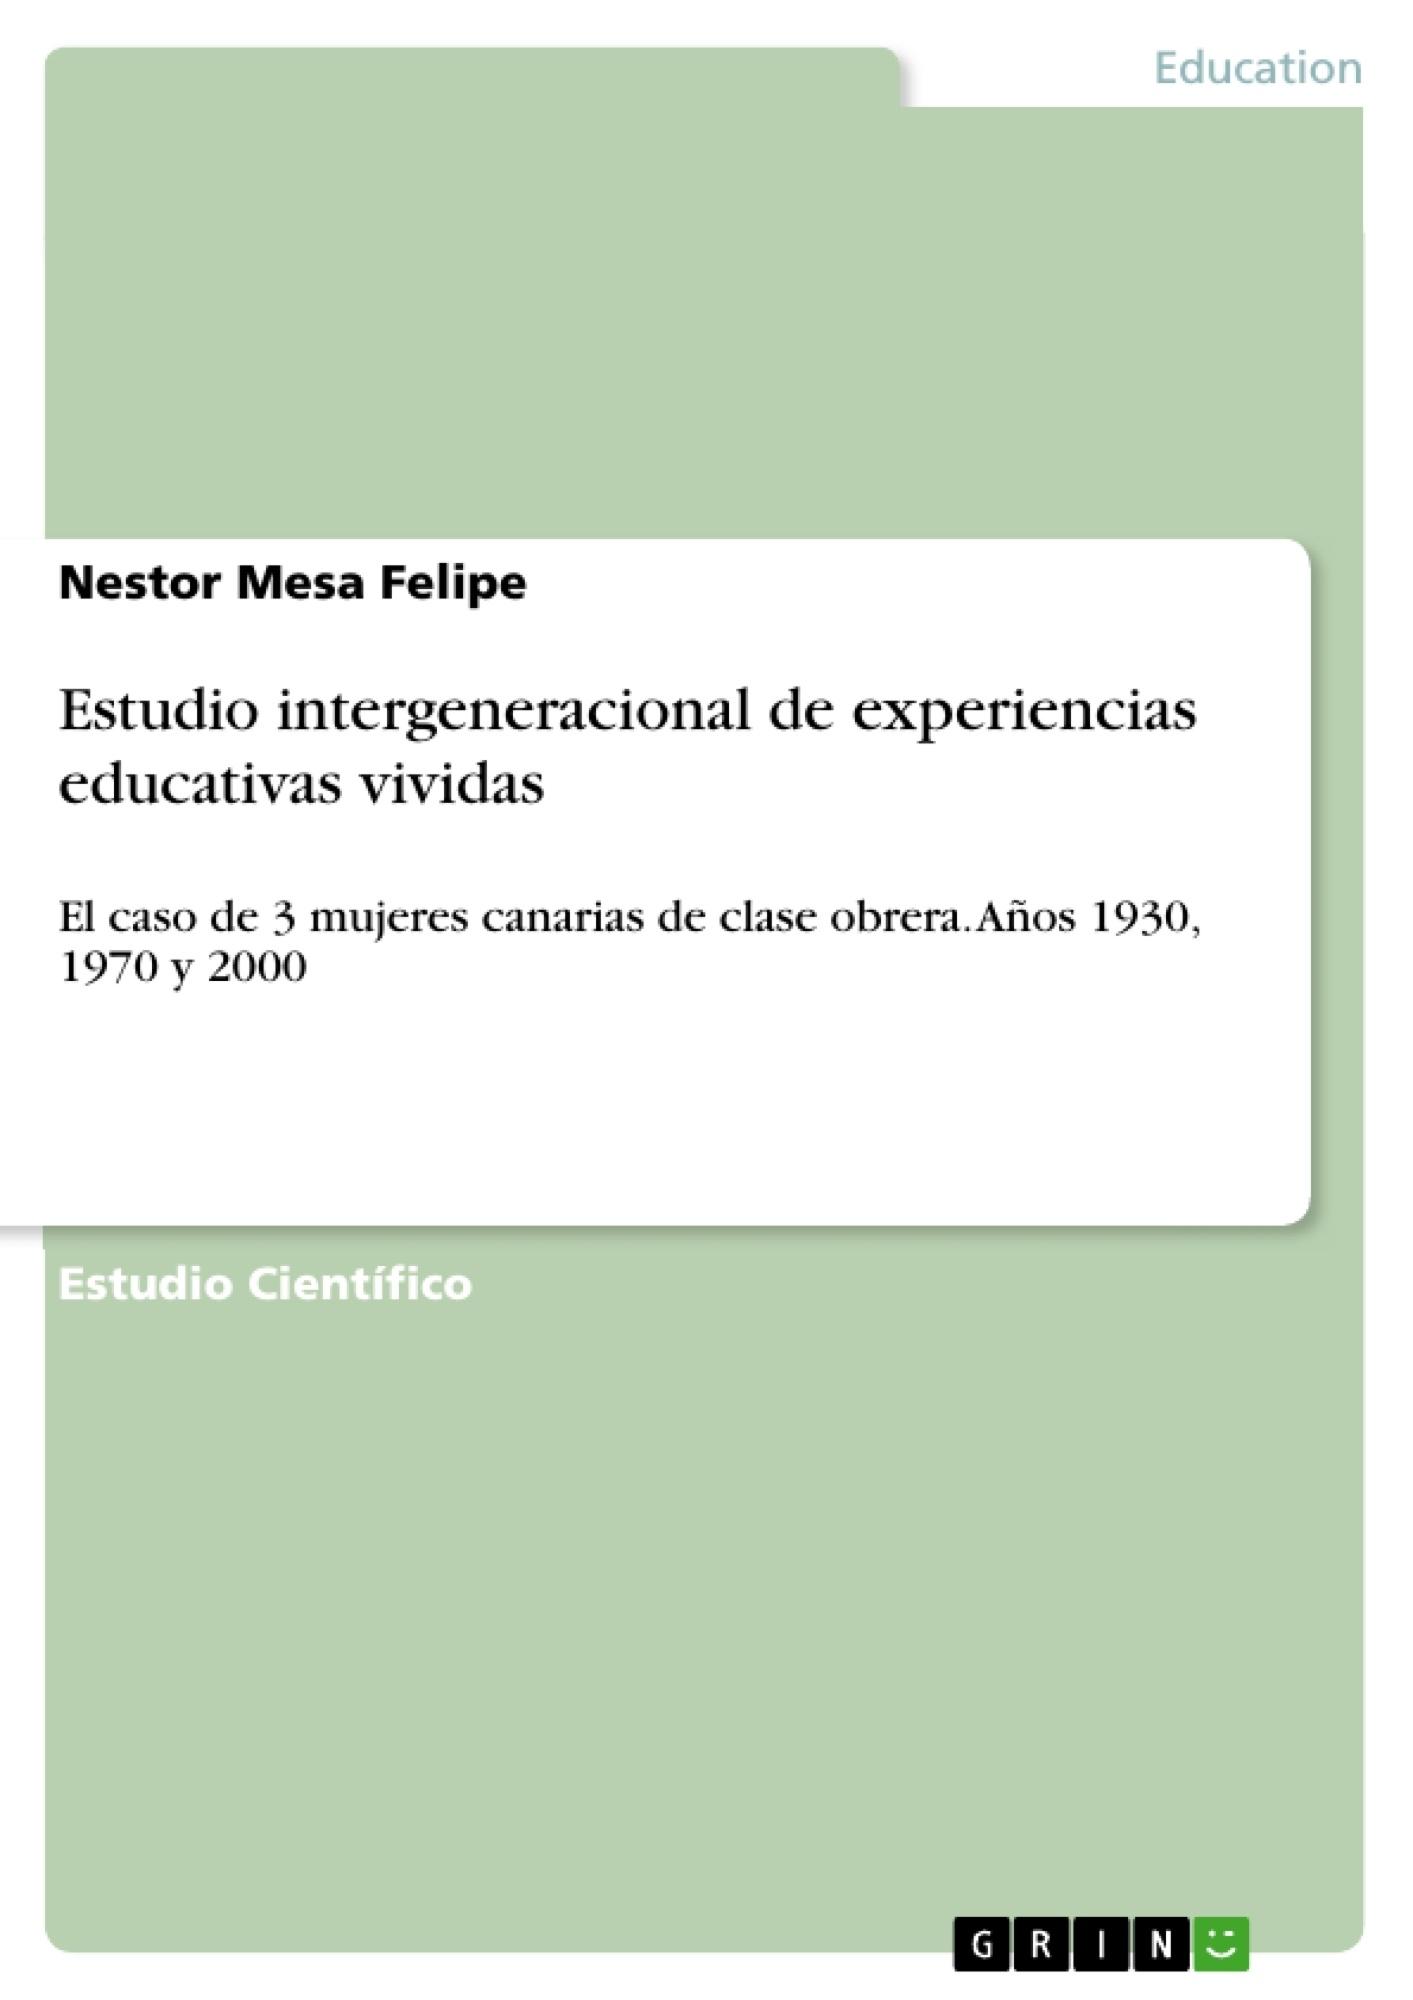 Título: Estudio intergeneracional de experiencias educativas vividas